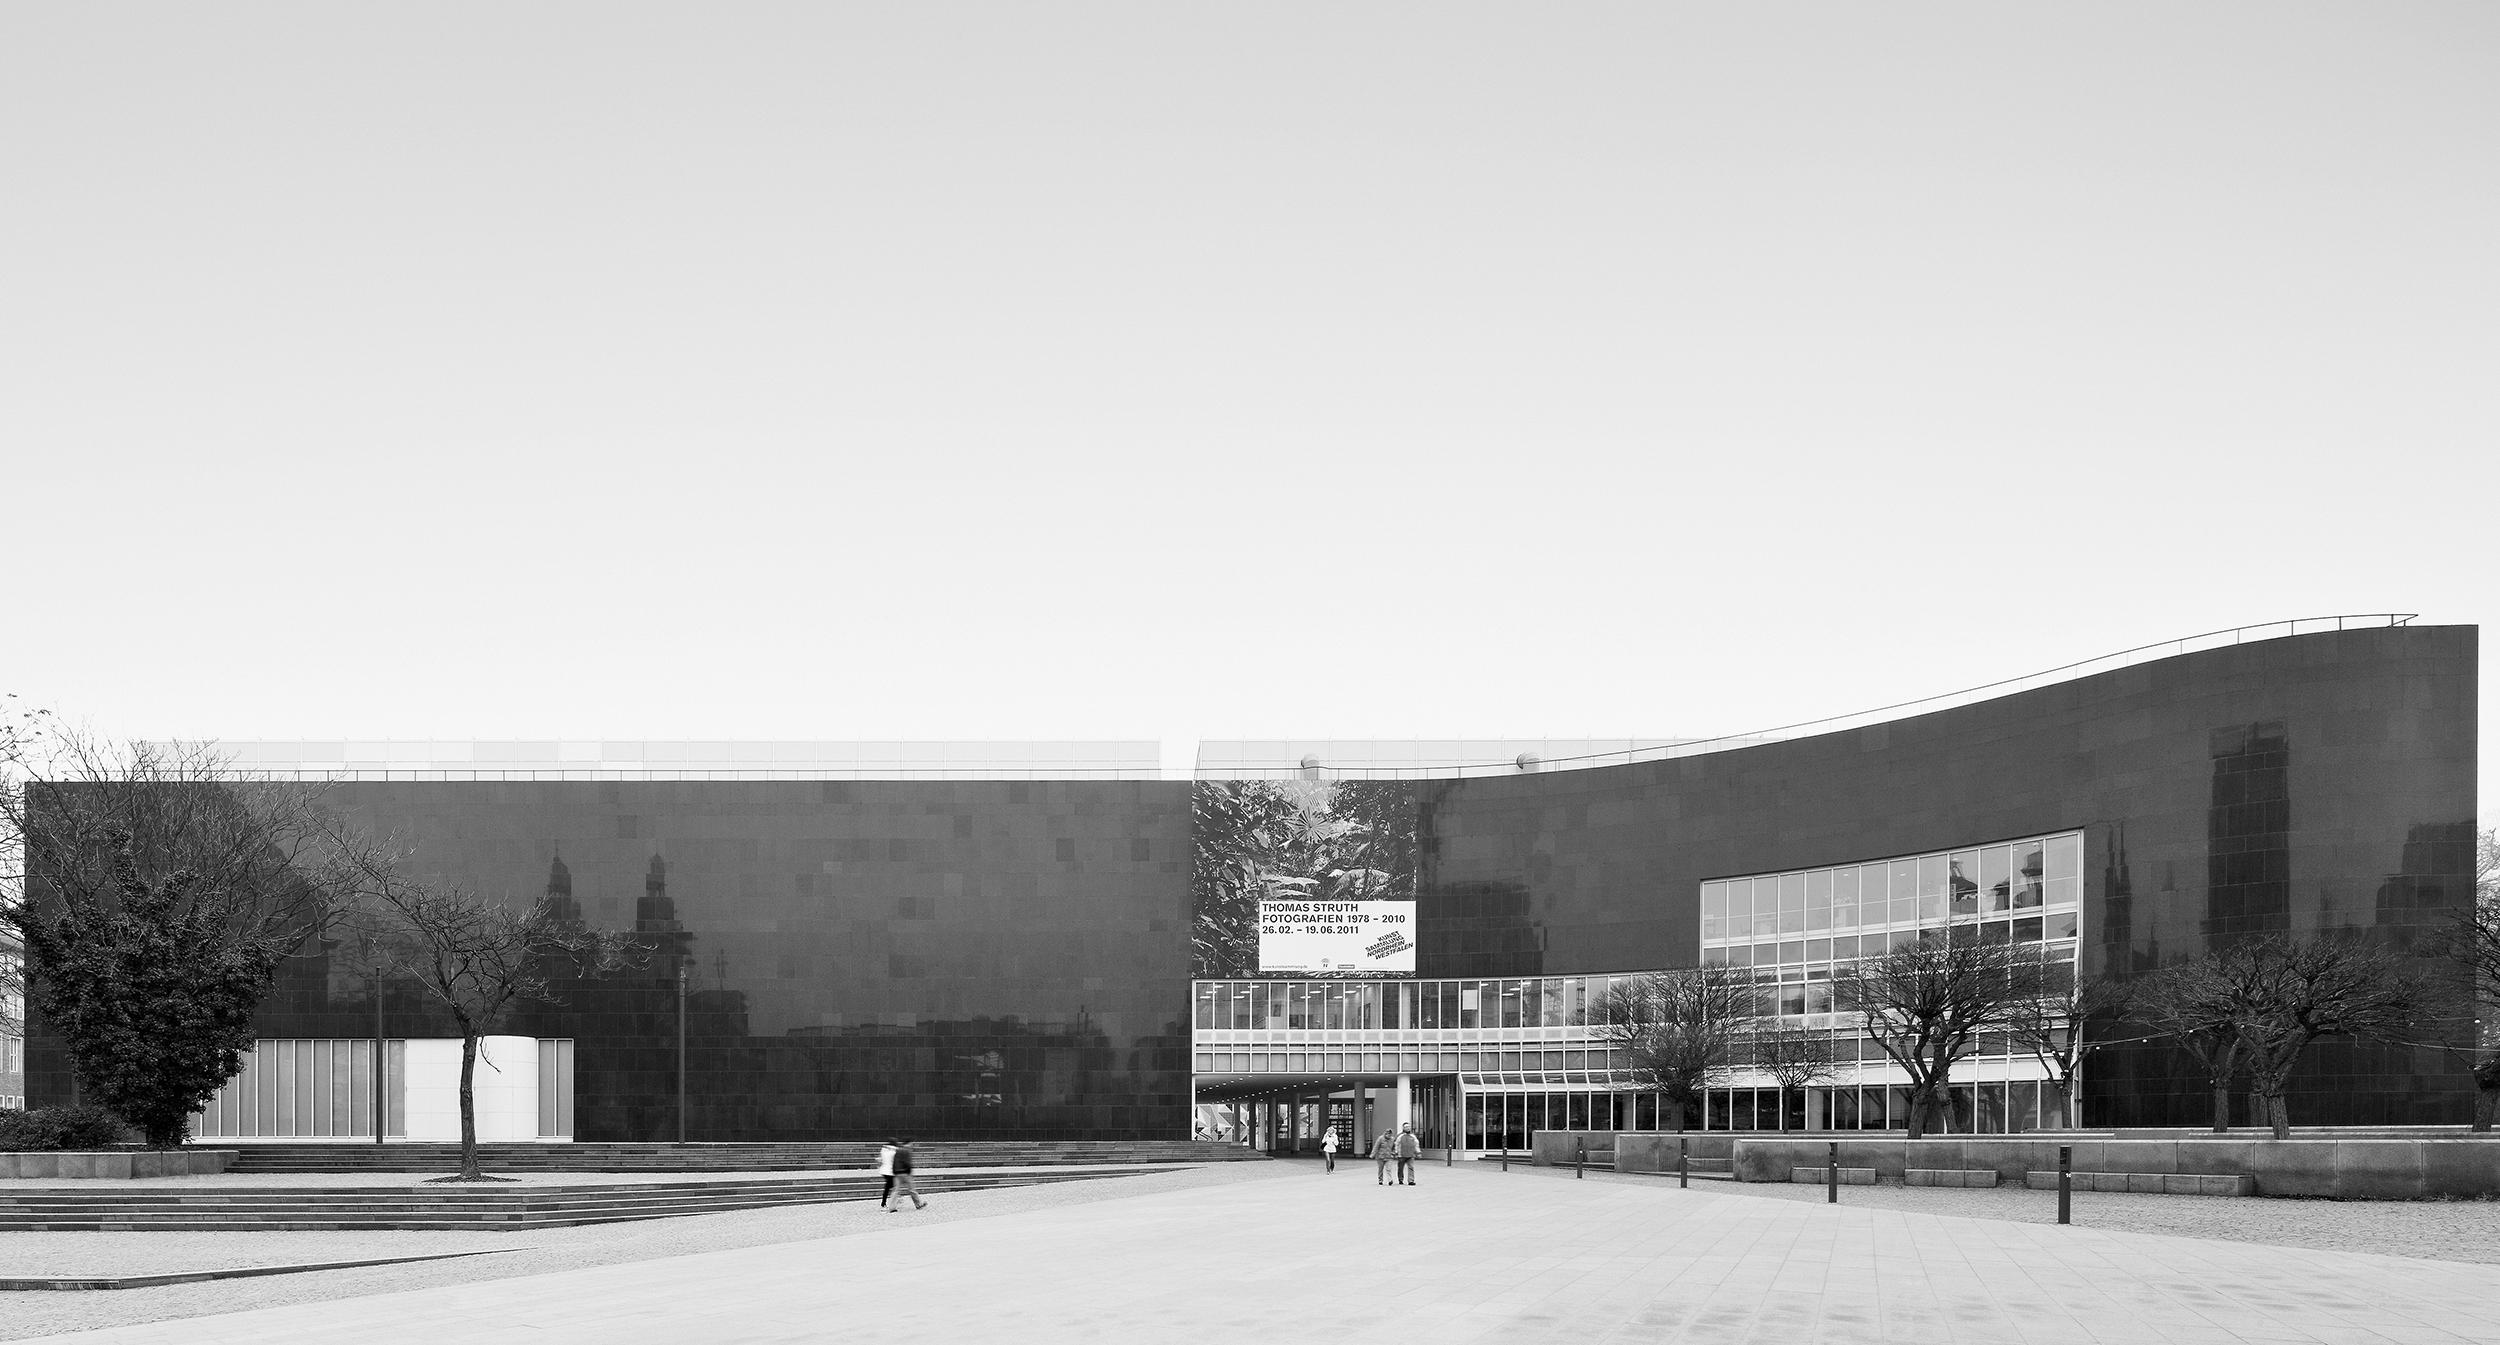 BDA Award, Nordhrein- Westfalen 1990    Kunstsammlung Nordhrein-Westfalen  receives the BDA Award (Bund Deutcher Architekten) in Nordhrein-Westfalen.